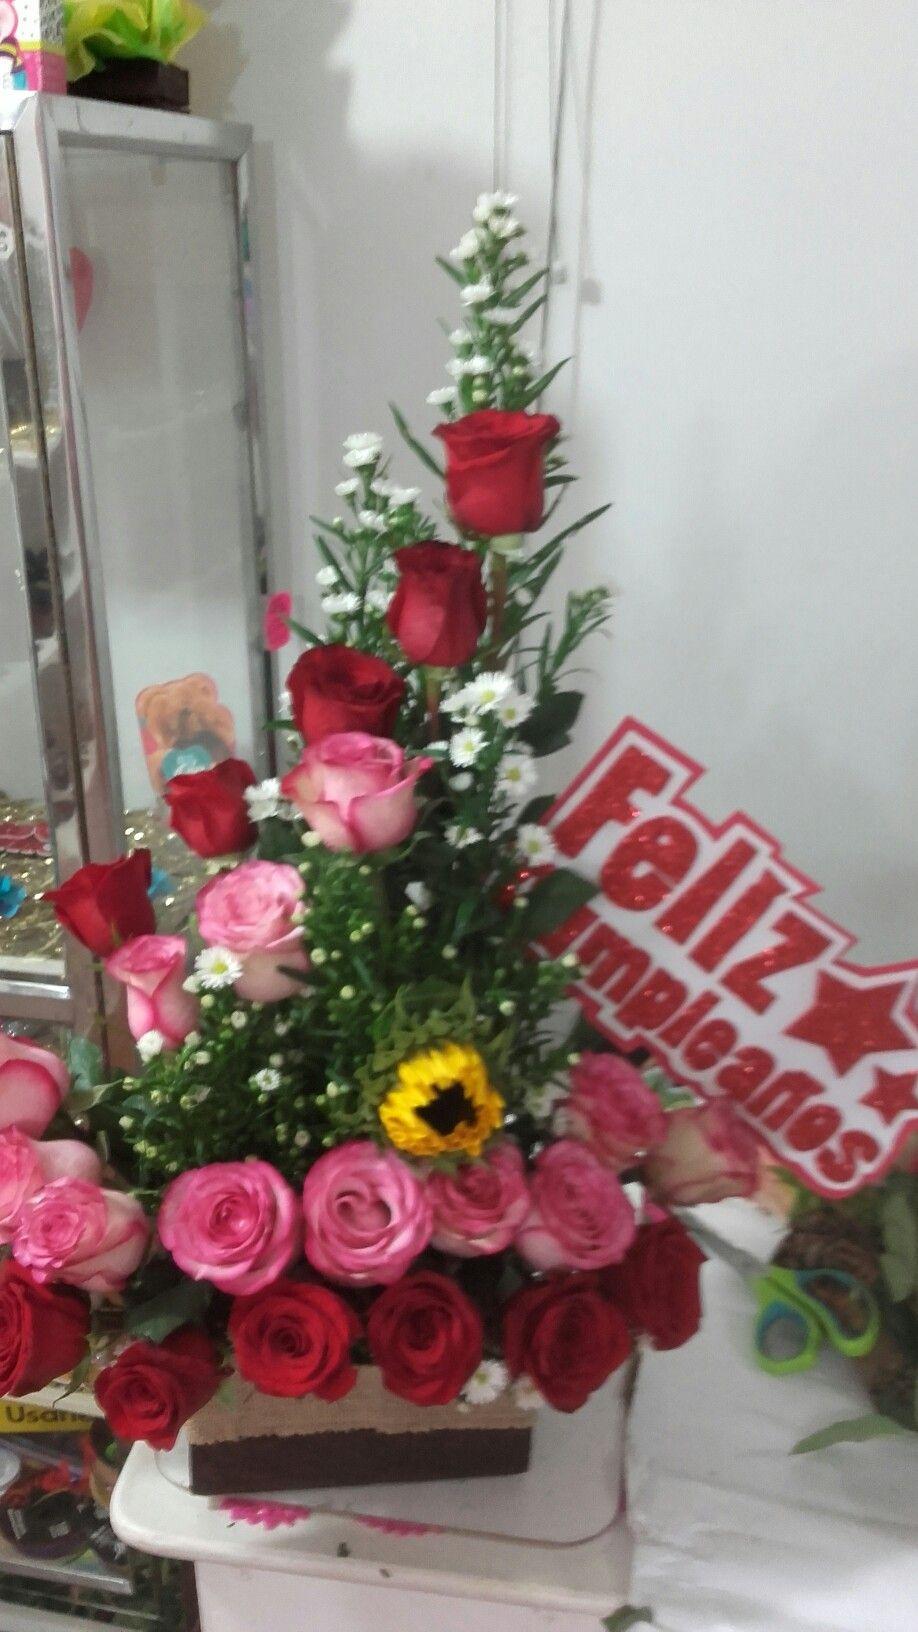 Arreglo floral de cumpleaños | Arreglos florales para cumpleaños, Arreglos  florales, Ramo de rosas